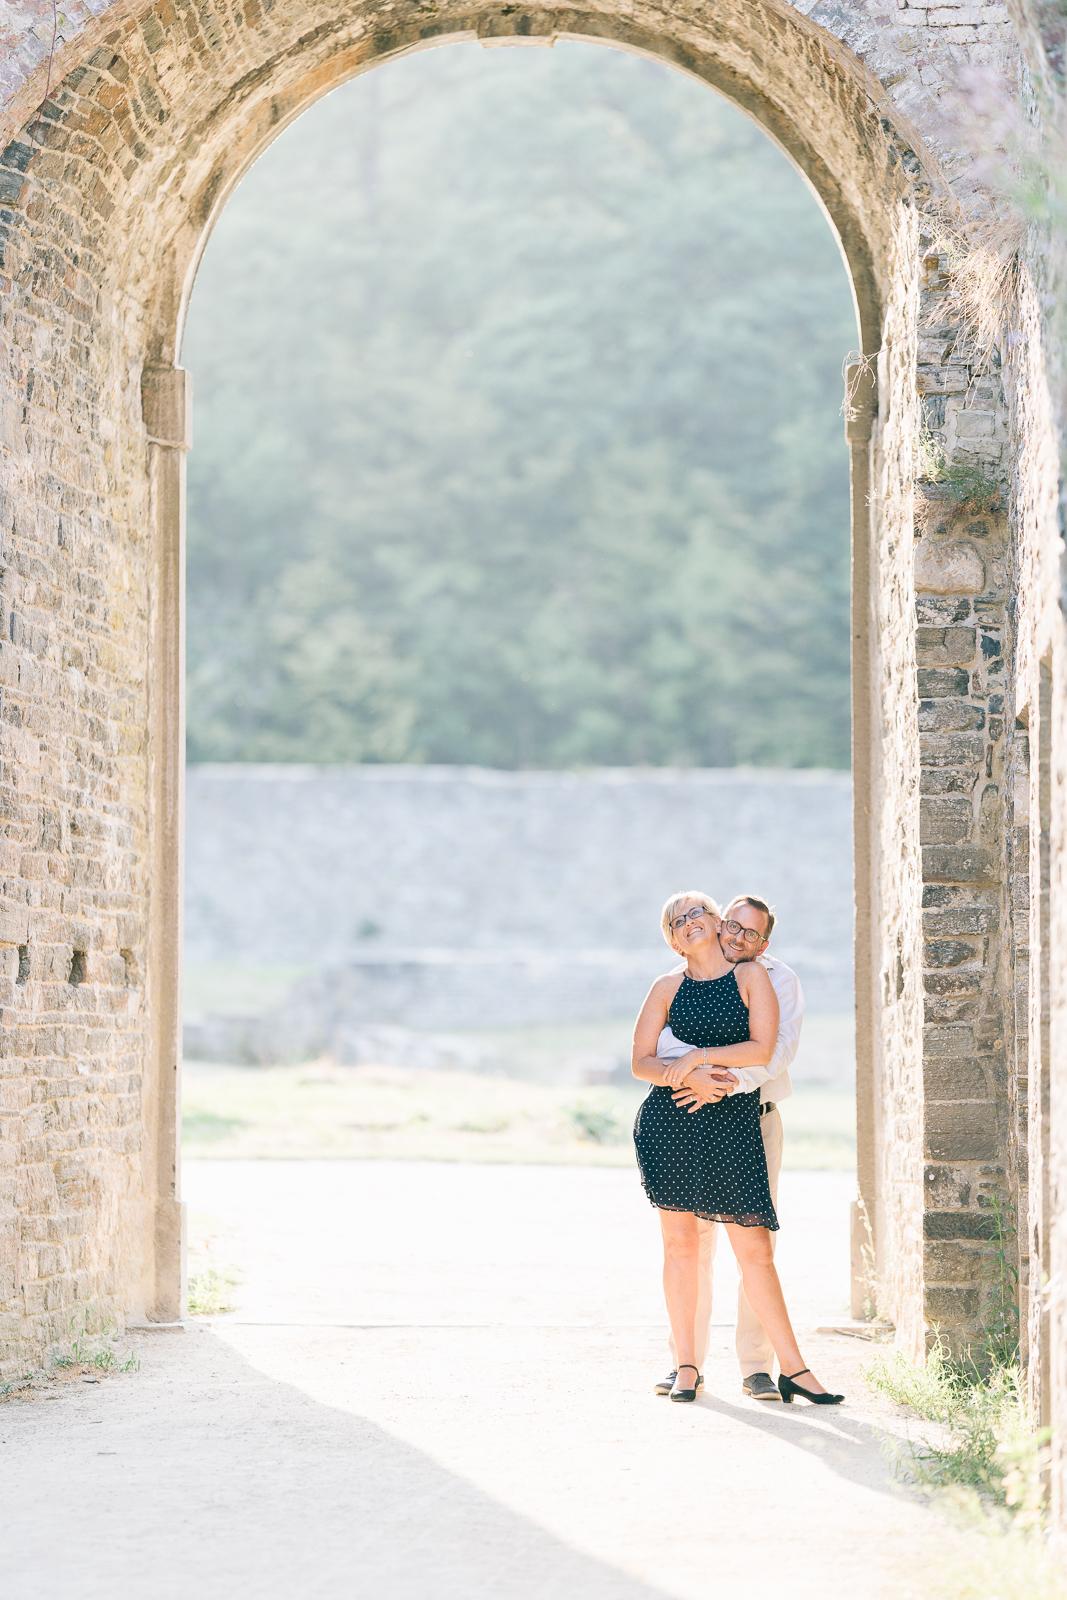 photographe-mariage-belgique-6